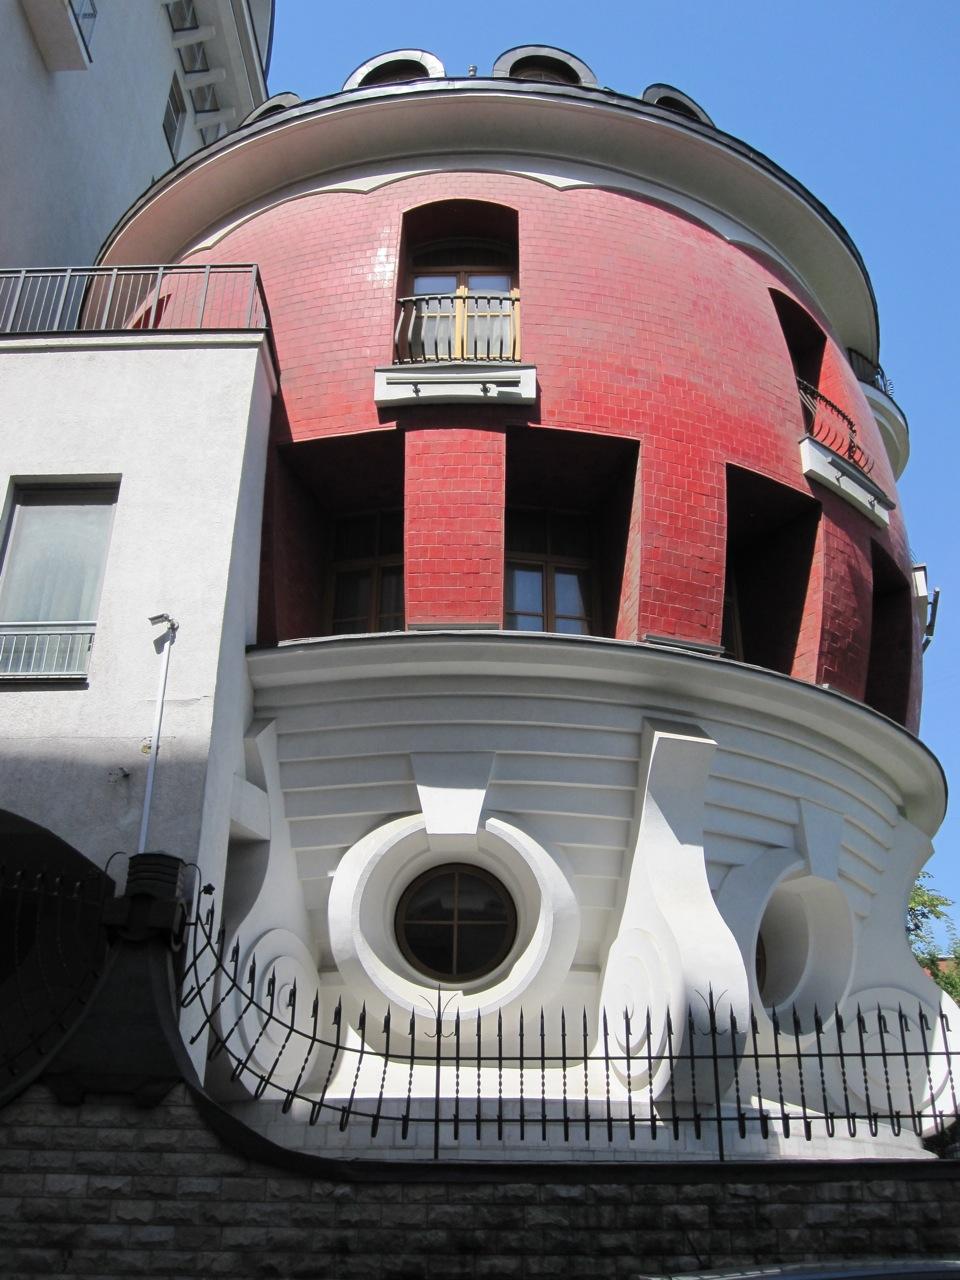 landmark-of-the-week-the-egg-house-on-ulitsa-mashkova